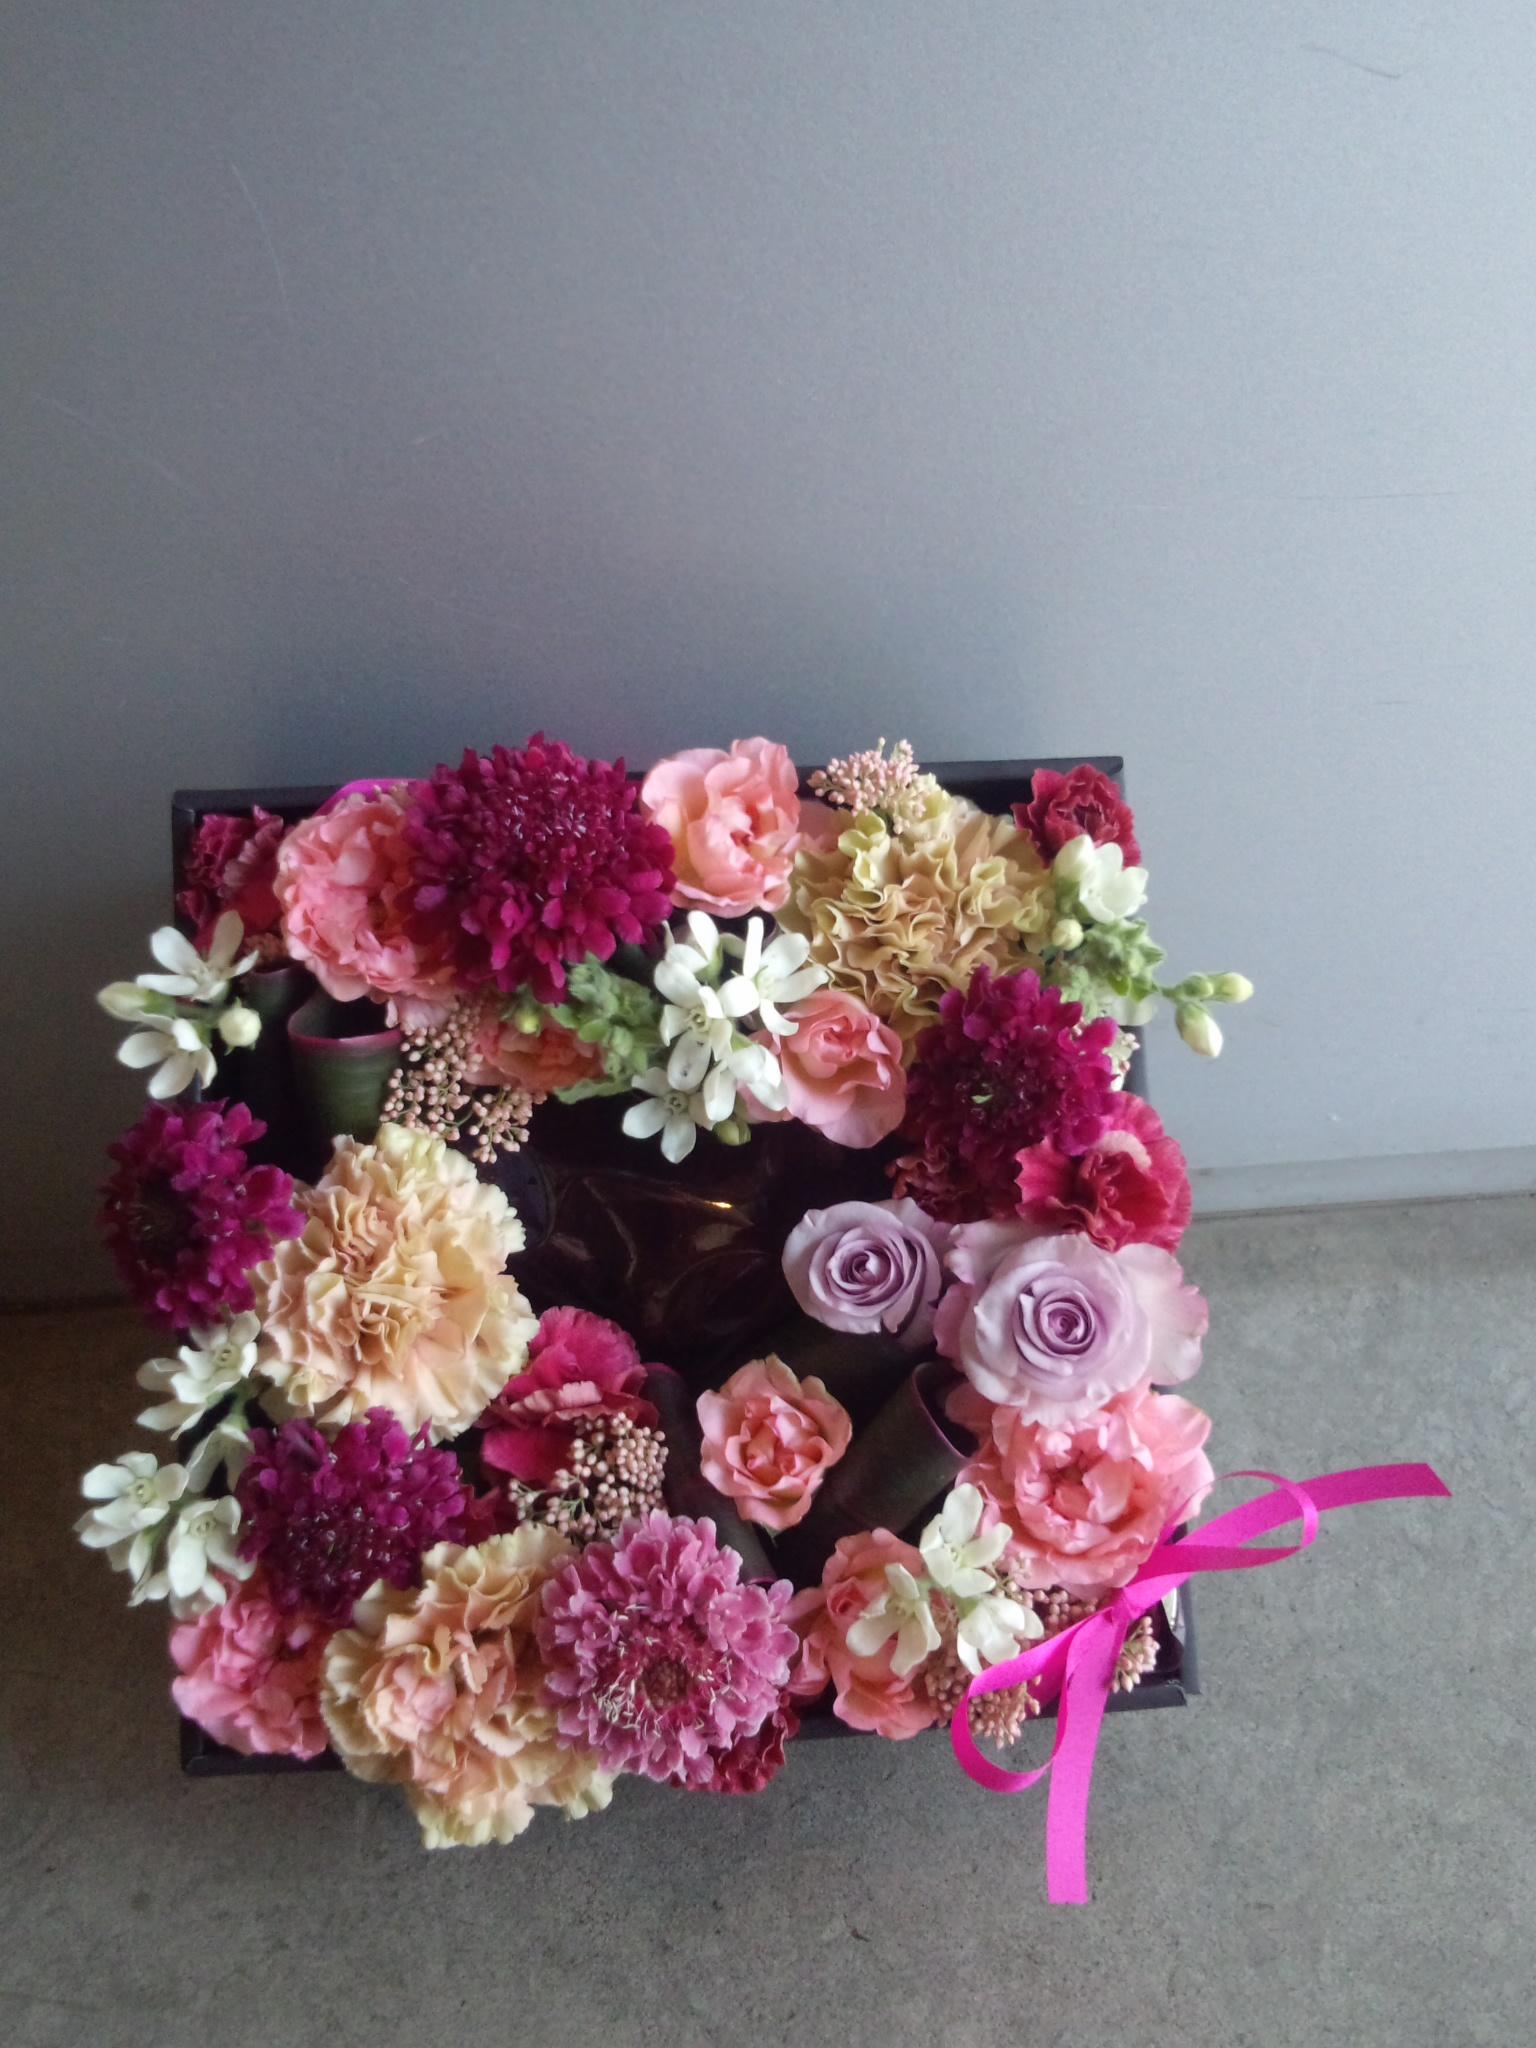 『『『Chouette花02』の画像』の画像』の画像